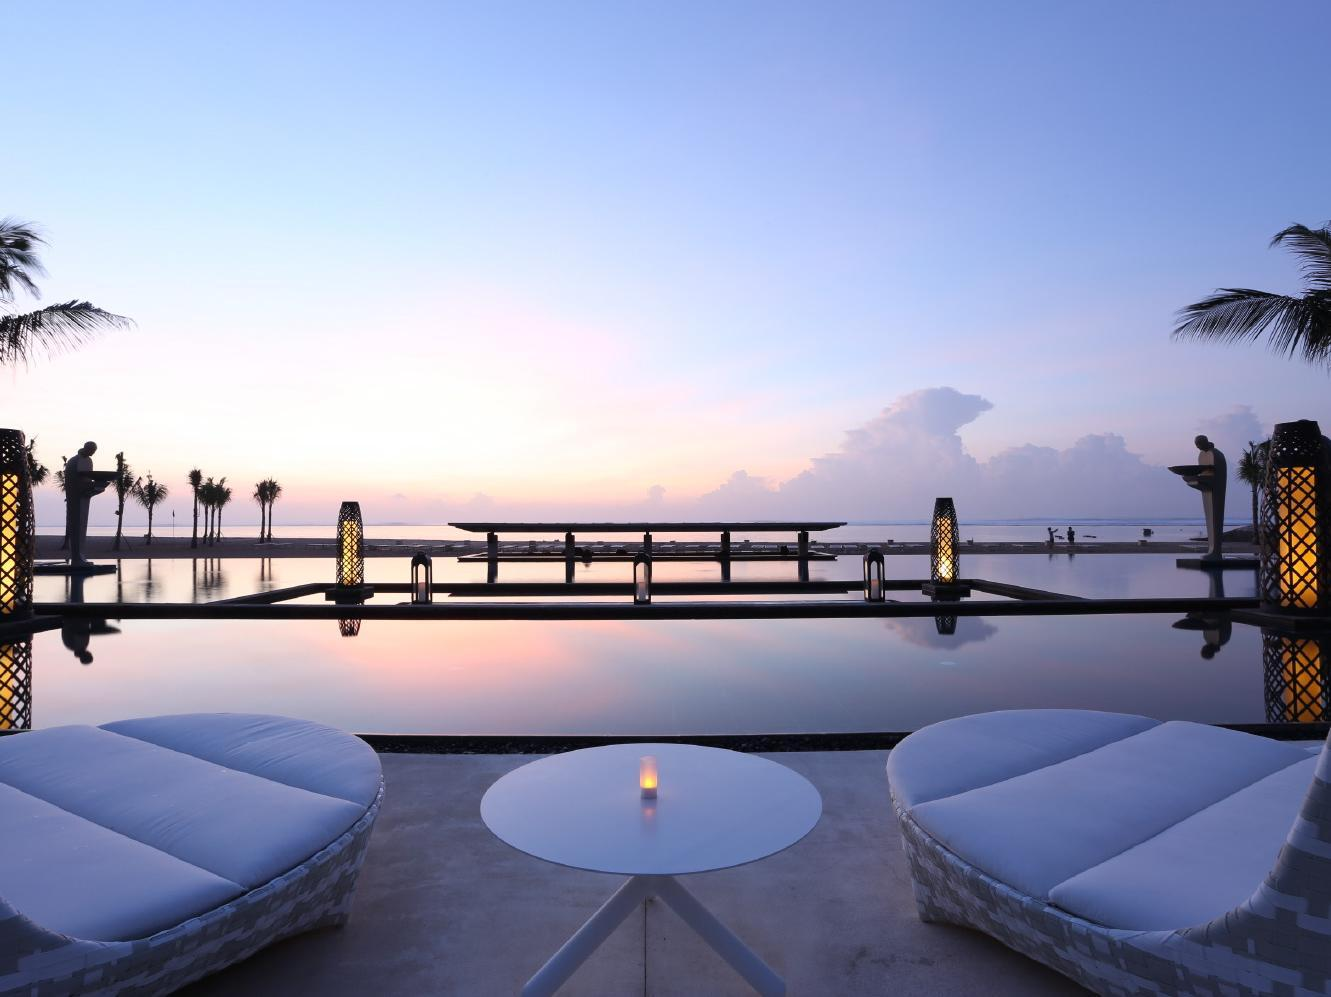 公寓式酒店-特價訂房努沙杜阿木利亞度假村 (Mulia Resort Nusa Dua)@時尚之都|PChome 個人新聞臺